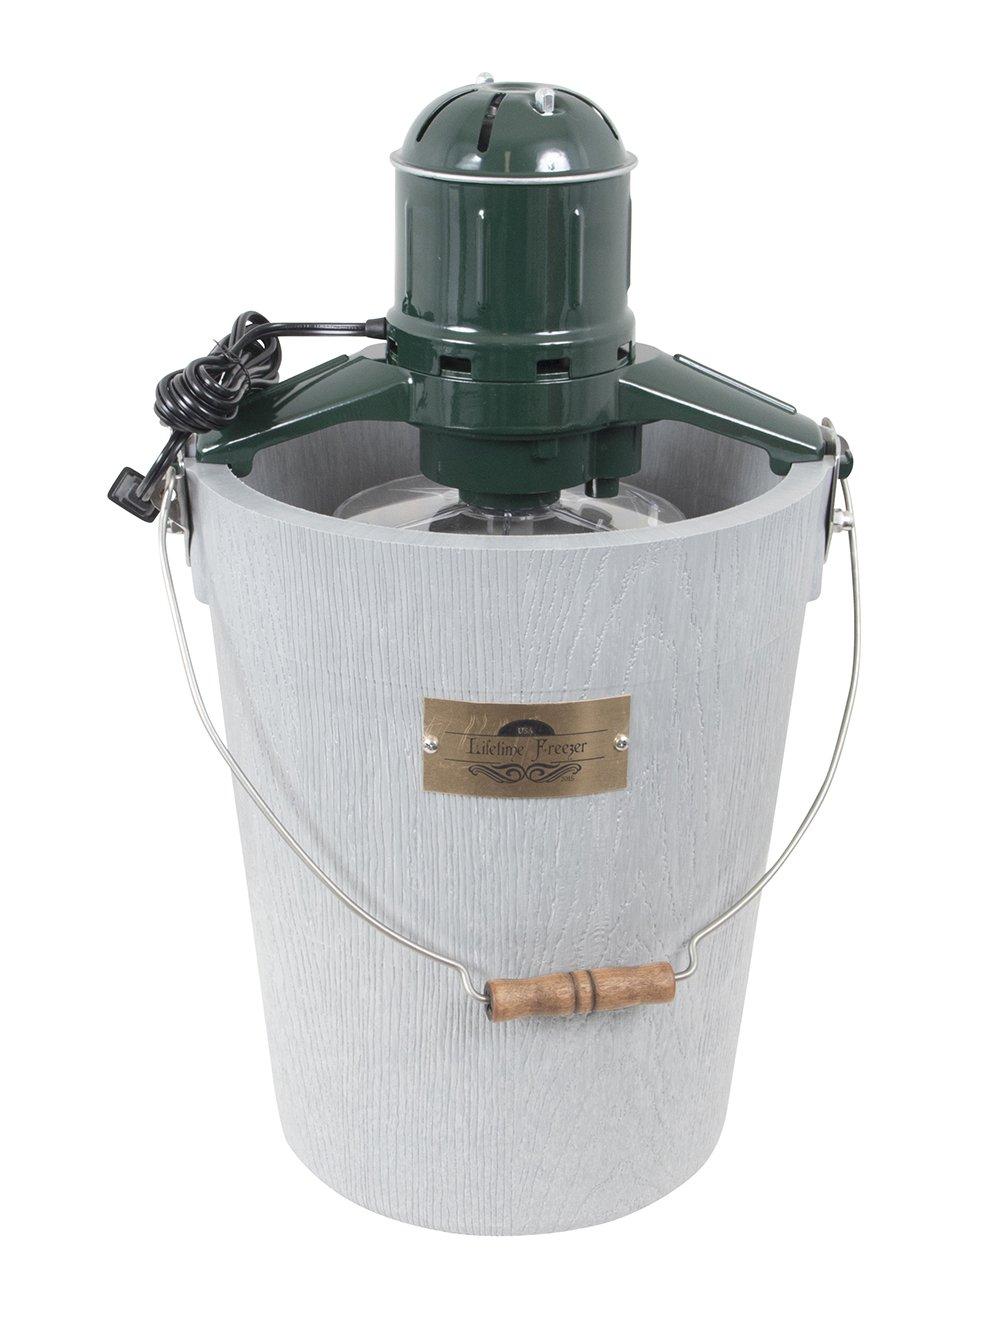 6 qt LIFETIME Ice Cream Maker - White Mountain Motor